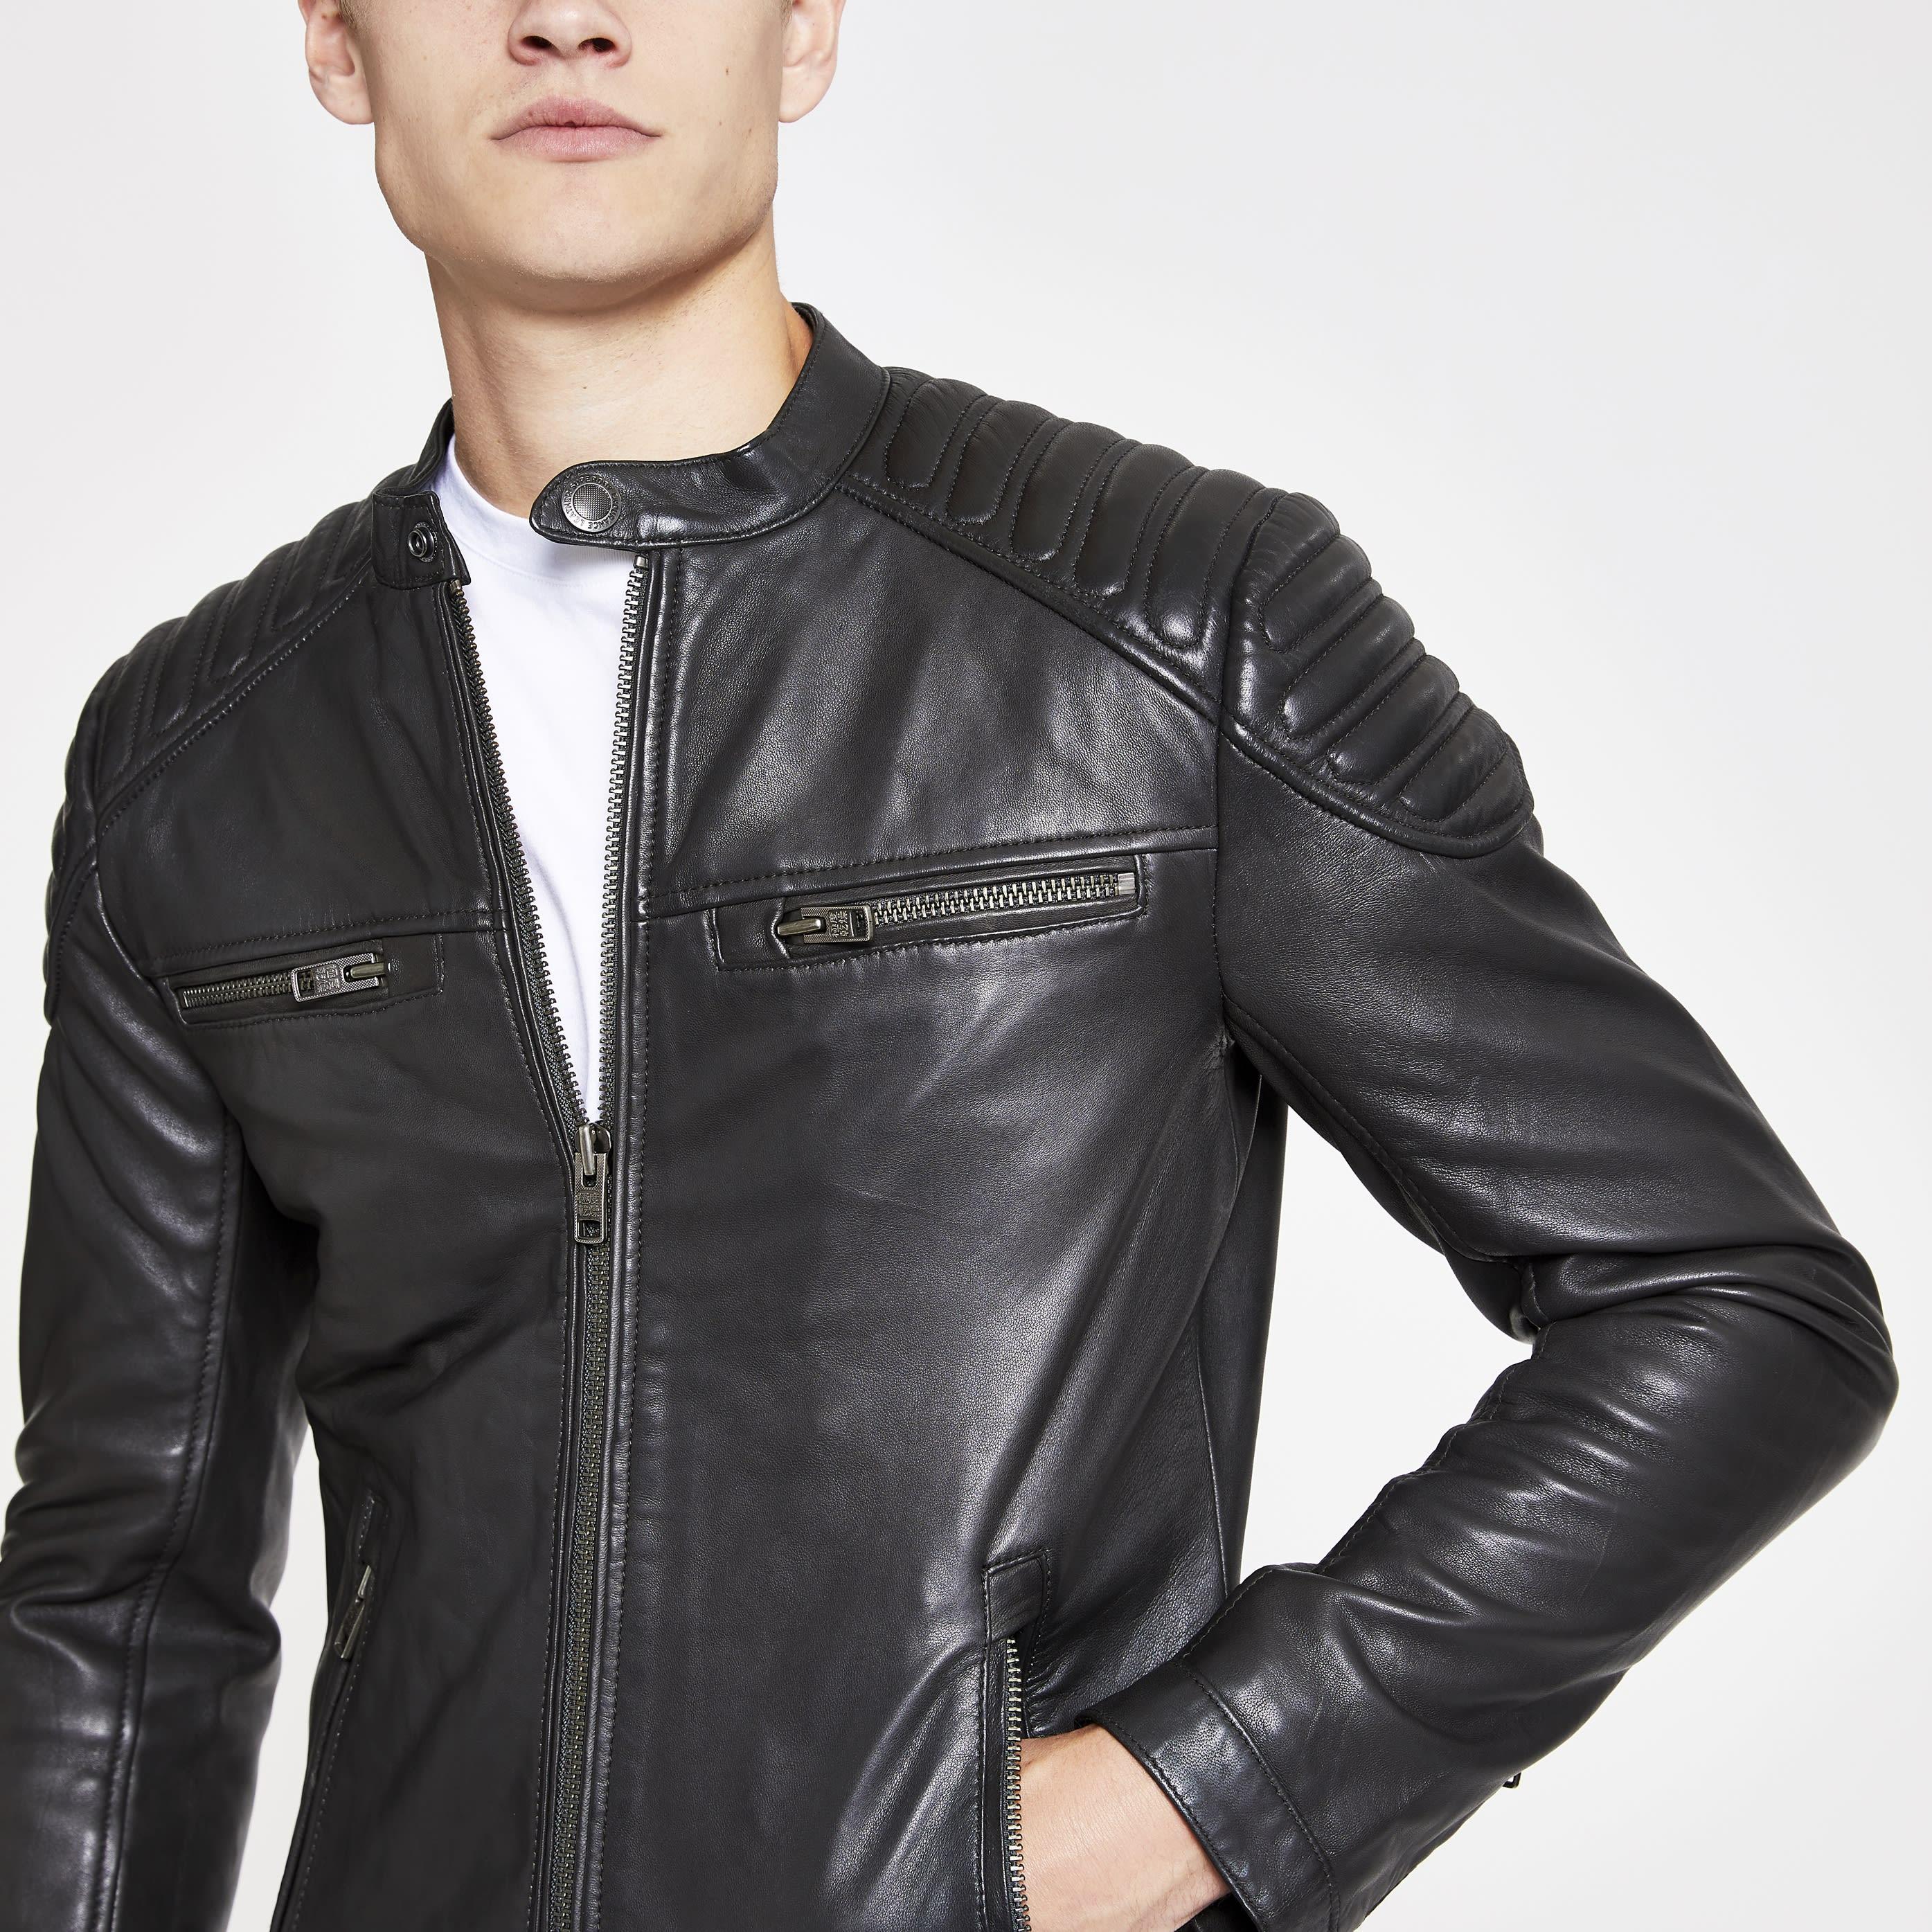 Superdry Mens Superdry Black leather jacket (S)